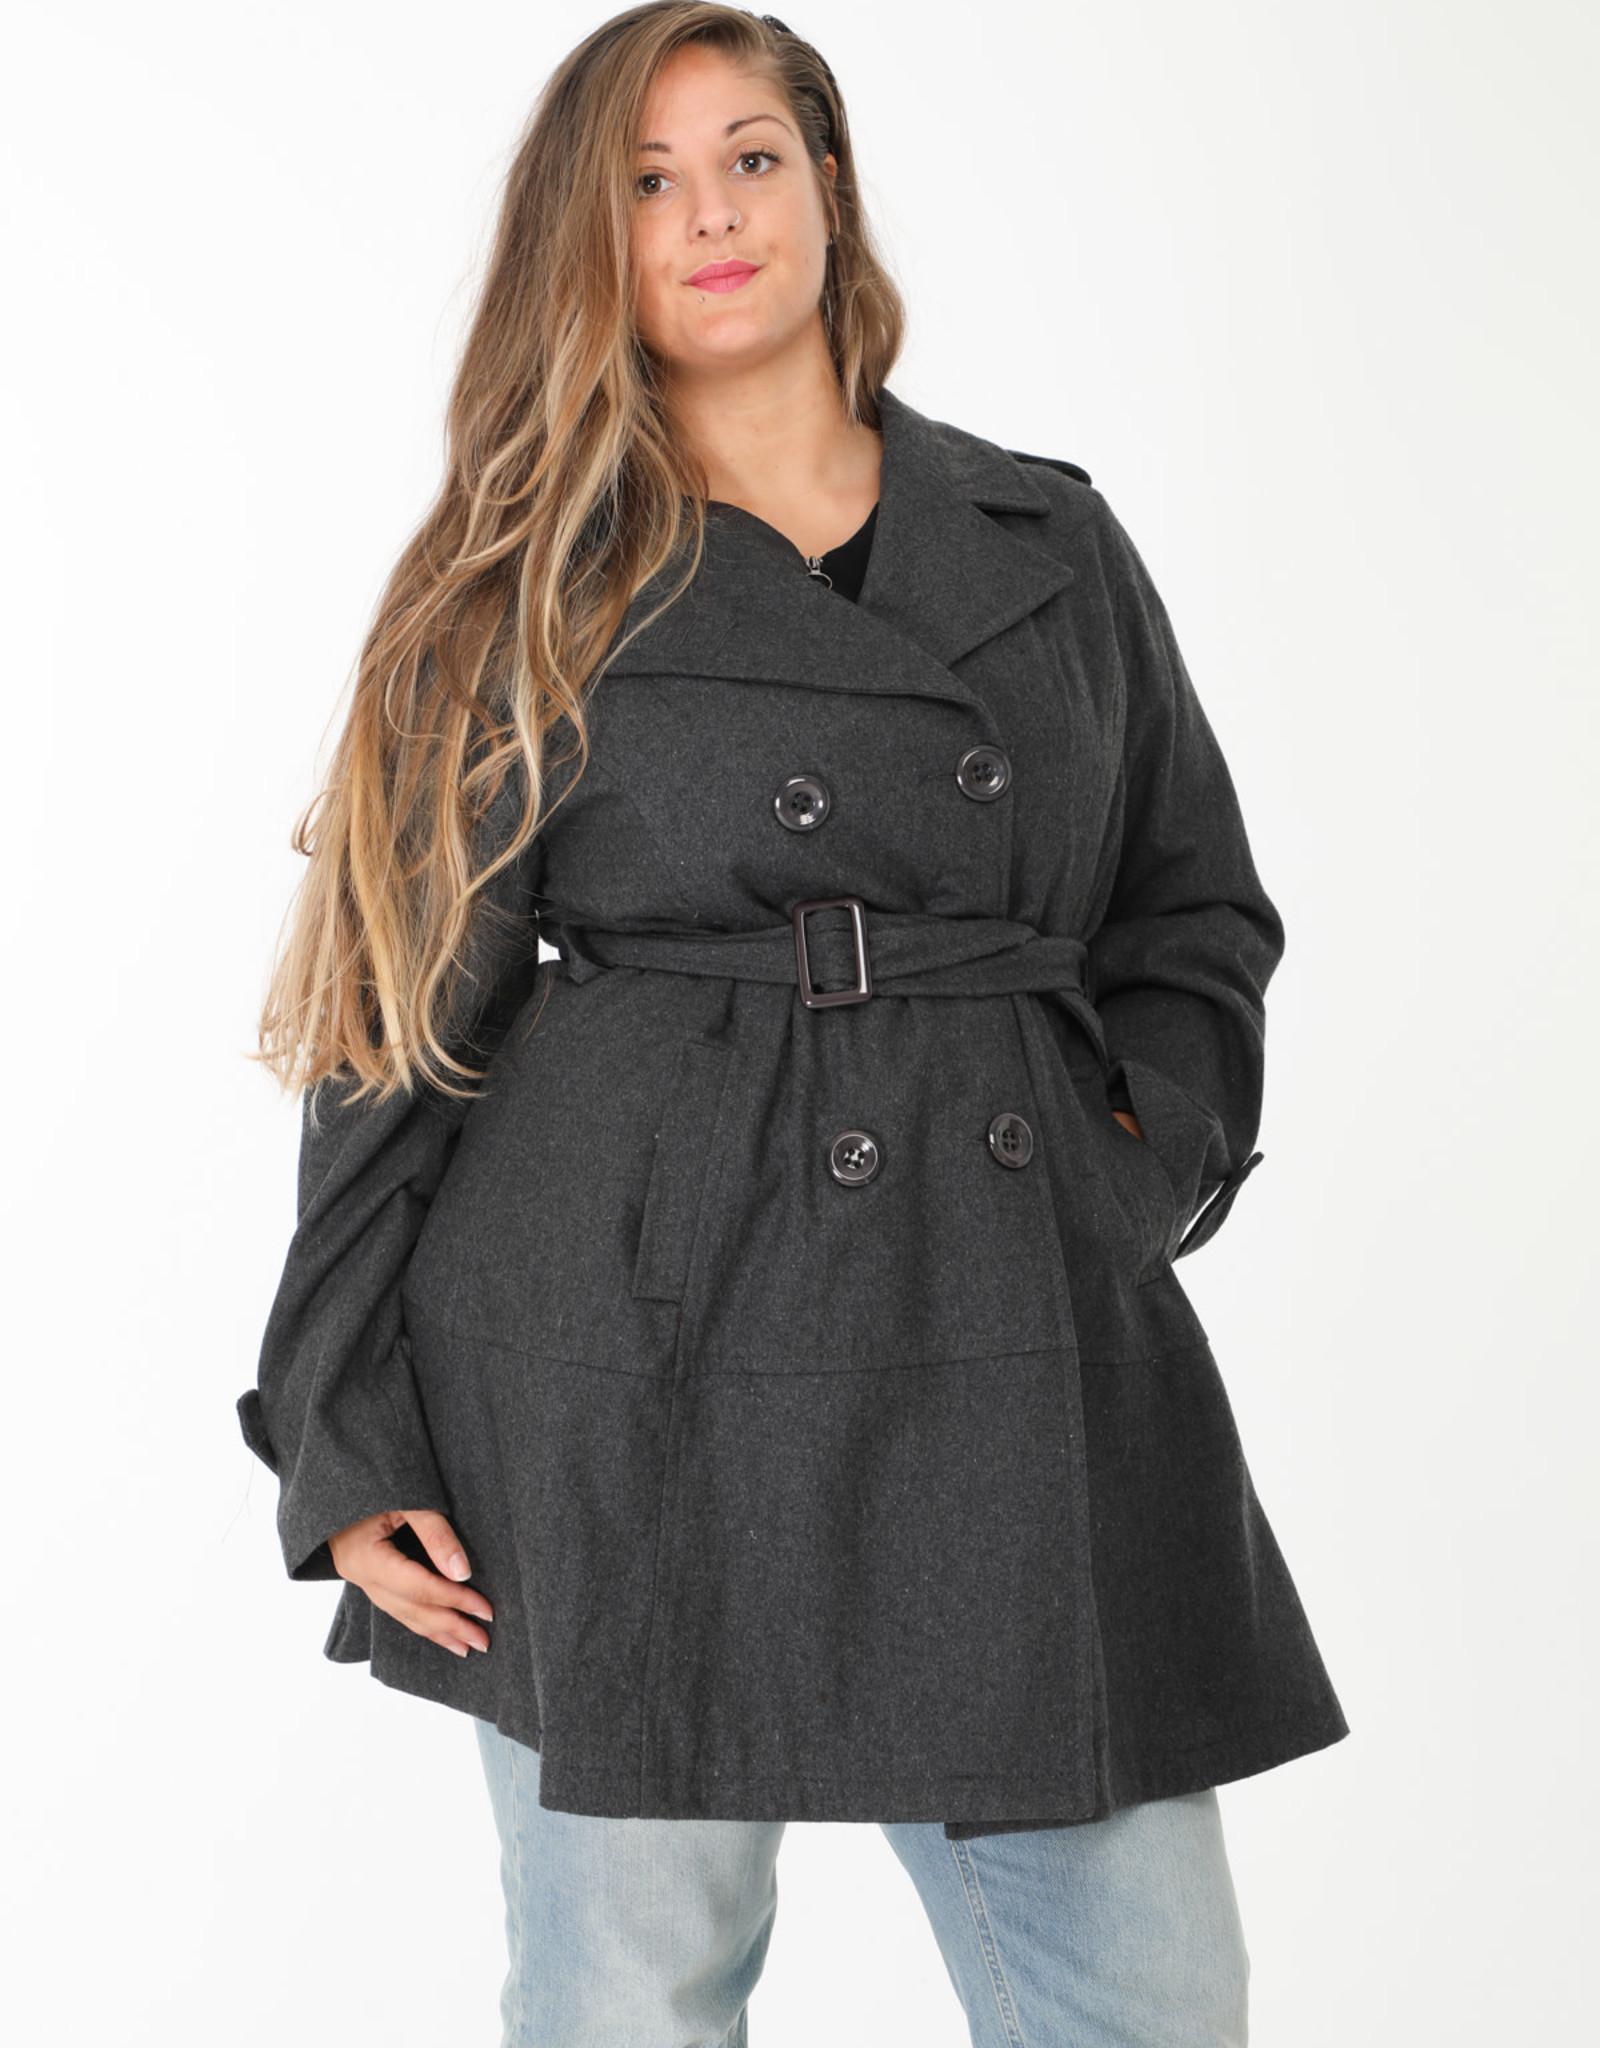 2W Manteau mi saison 50% laine gris